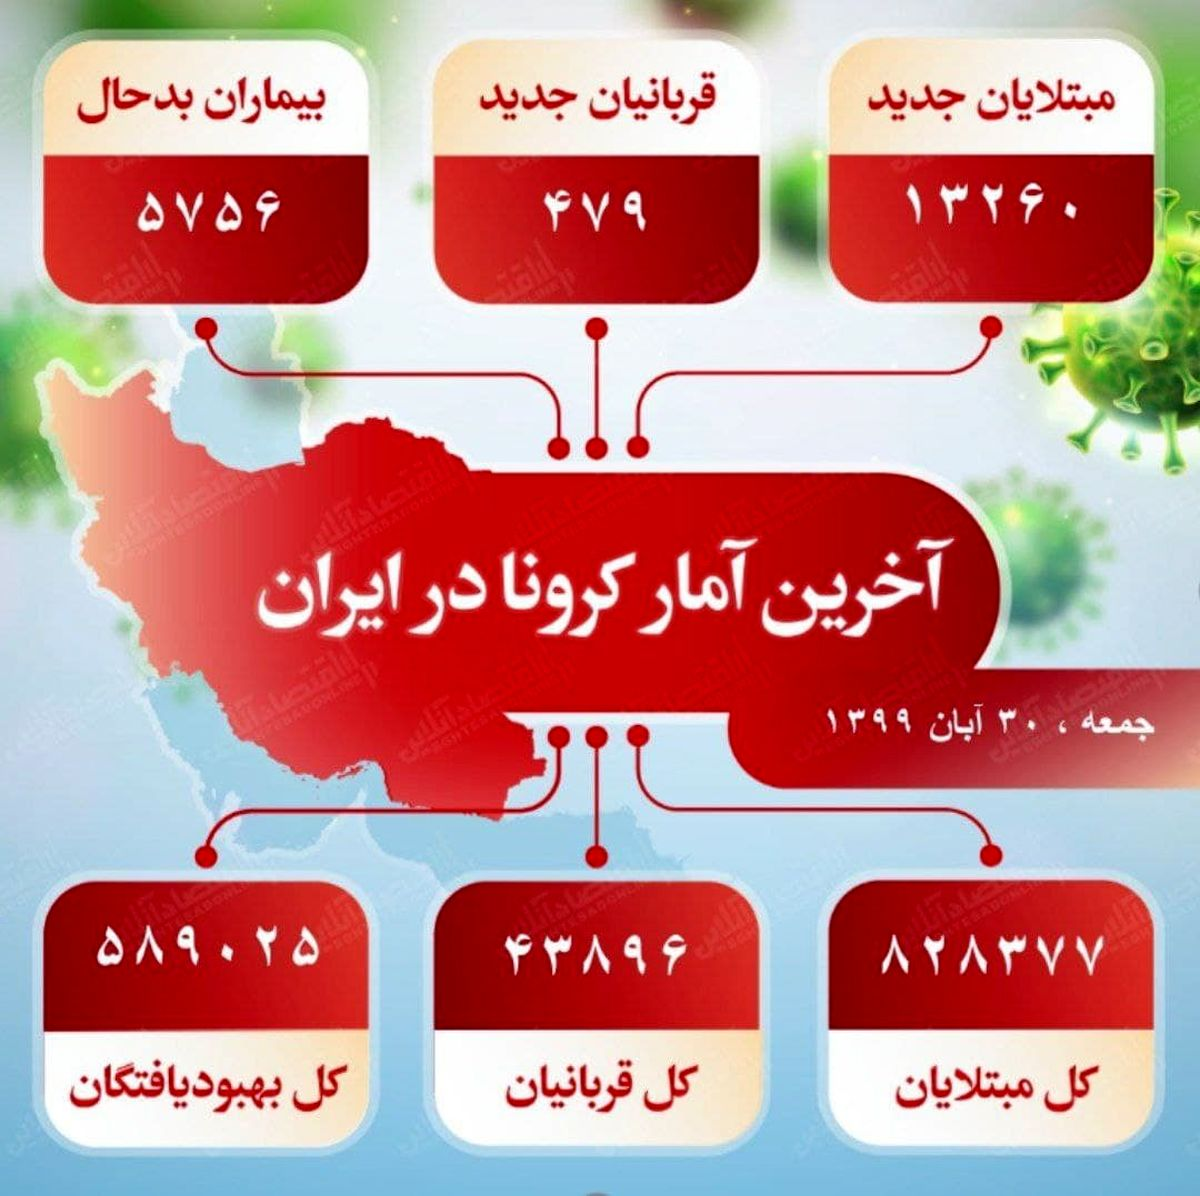 آخرین آمار کرونا در ایران (۹۹/۸/۳۰)